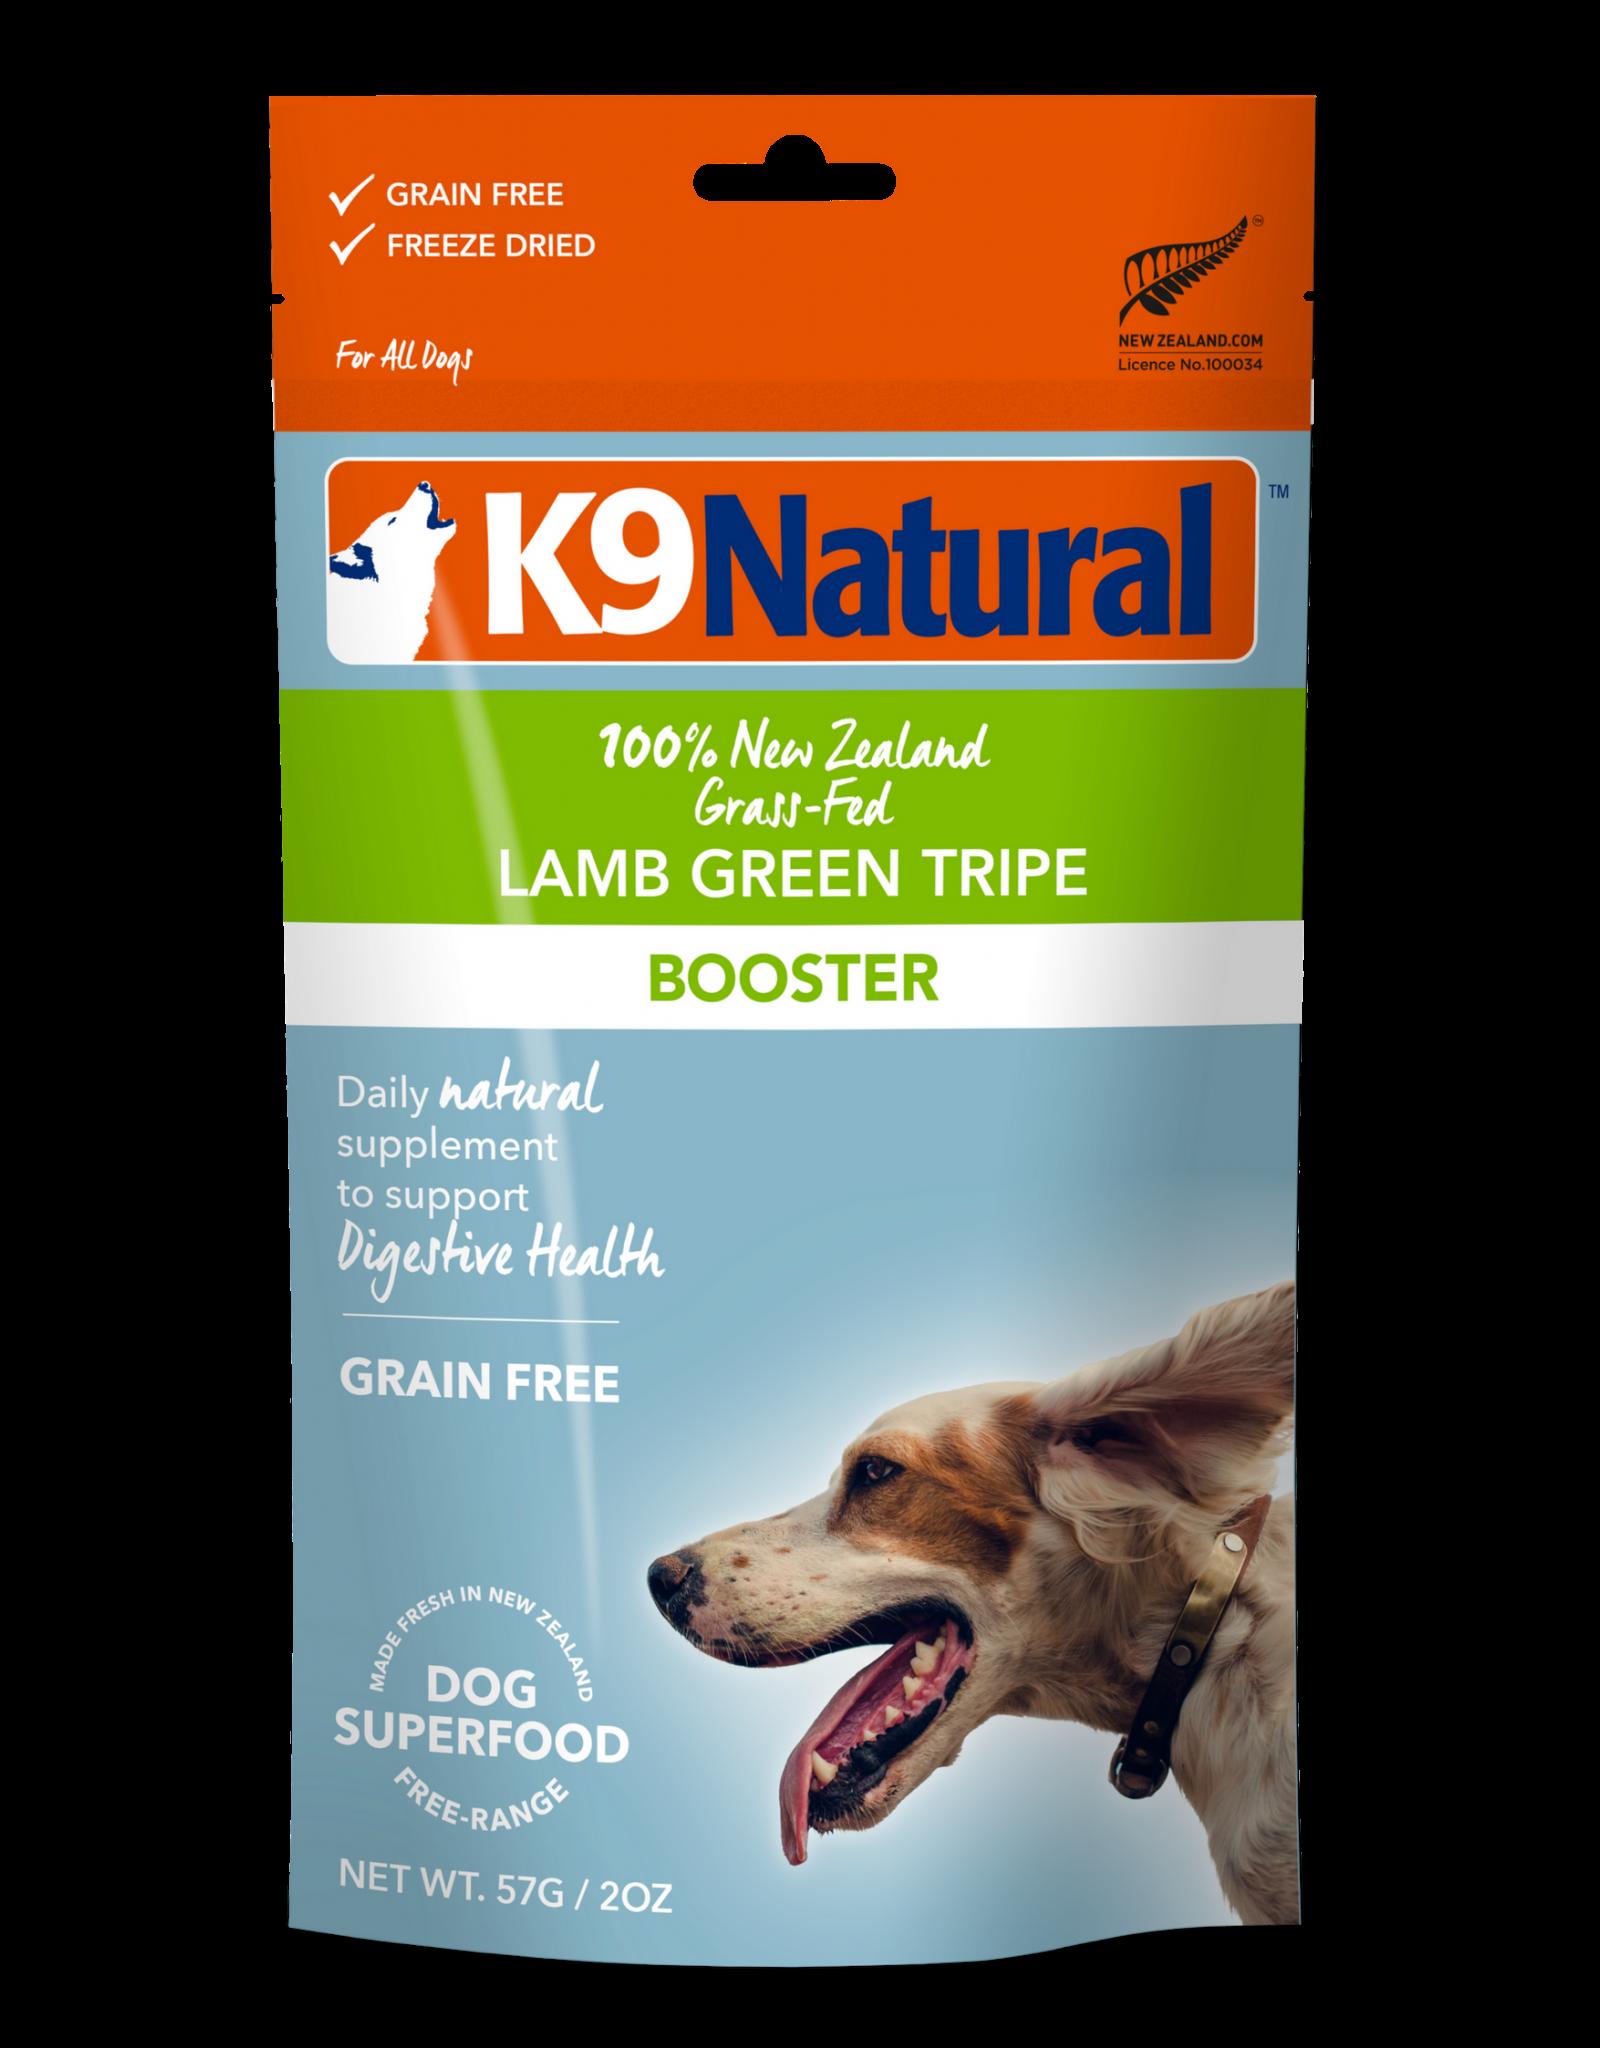 K9 Natural K9 Natural Freeze Dried Lamb Green Tripe